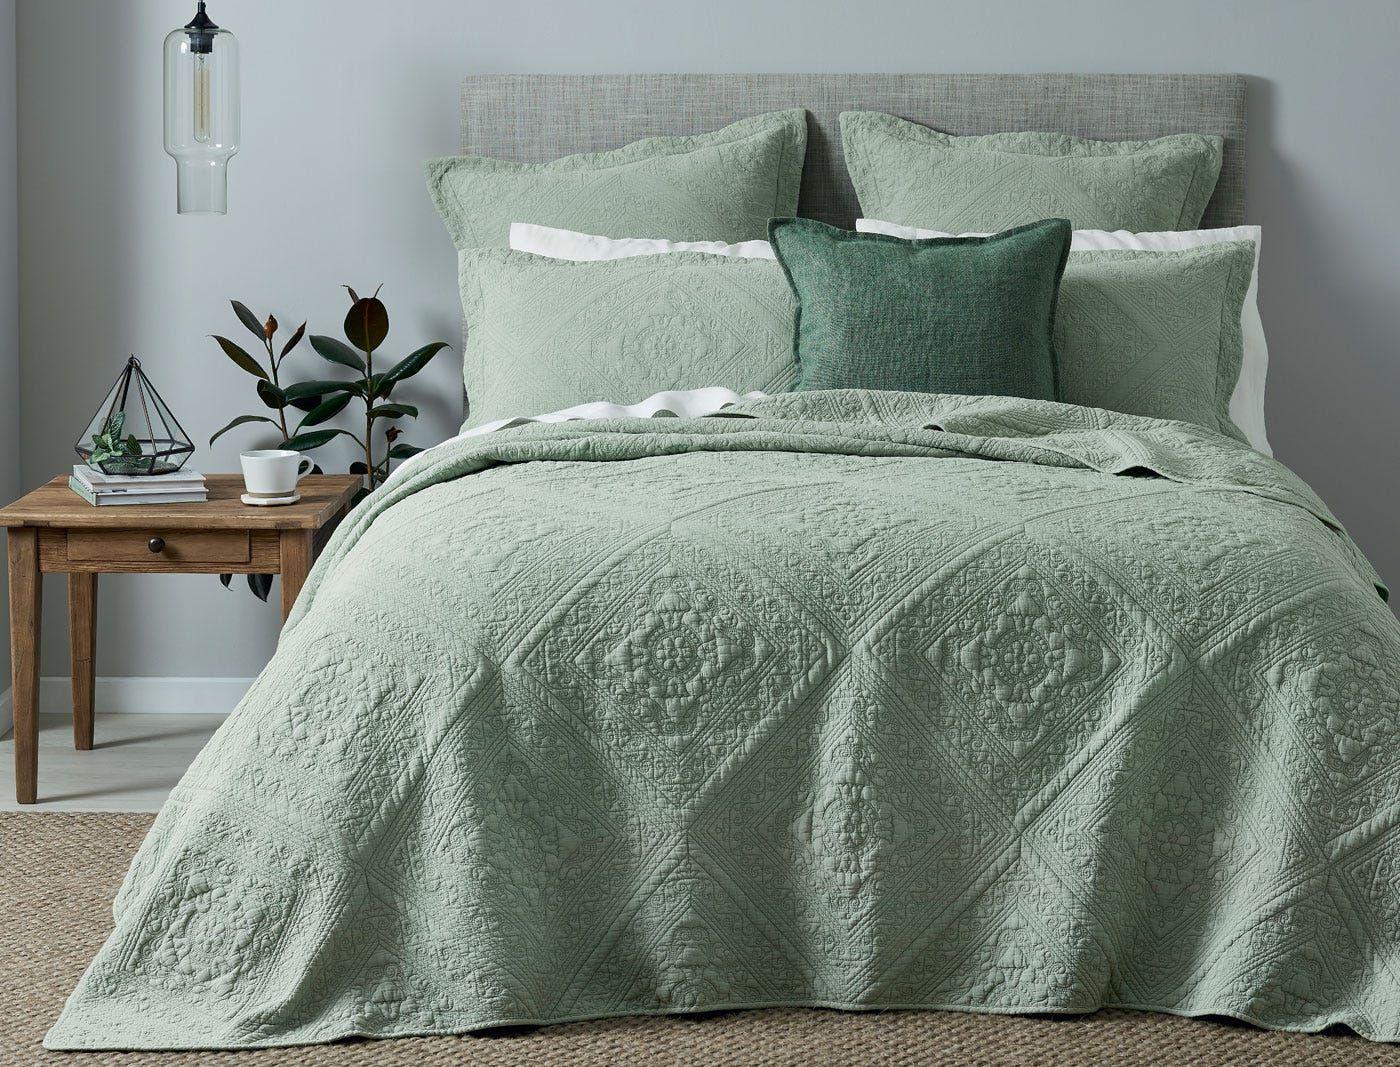 Asher Coverlet Sage Green Sage Green Bedroom Sage Bedding Bed Spreads